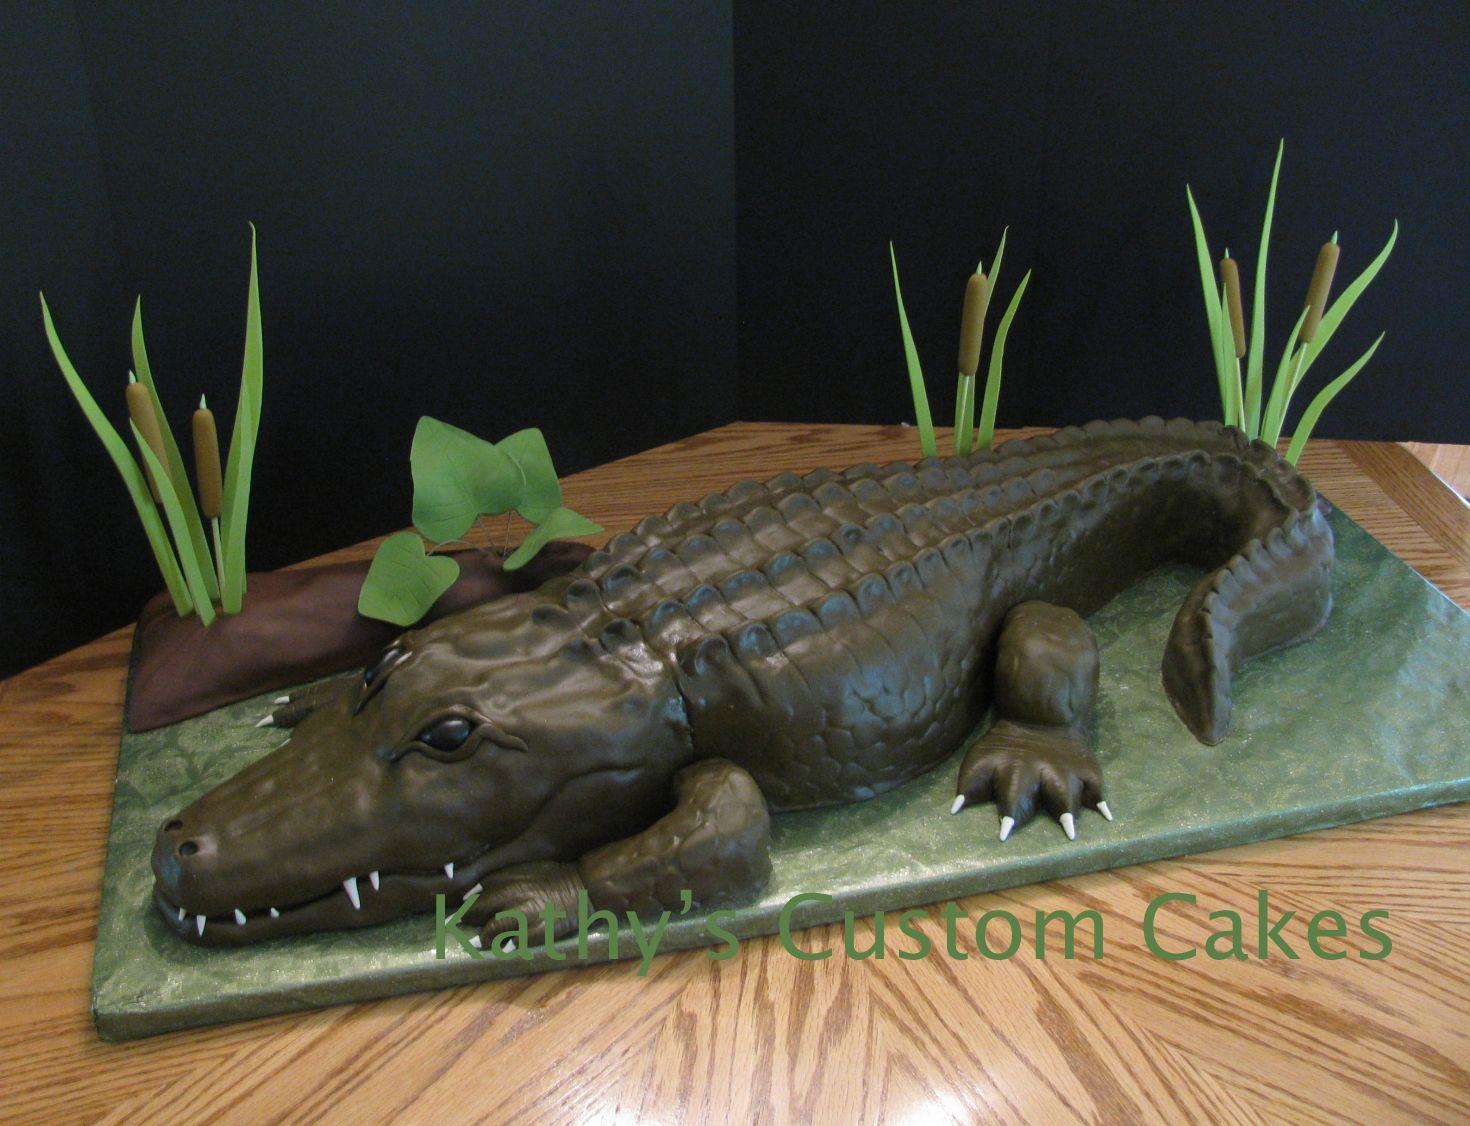 взять торт крокодил картинки позвоночника тяжелая травма